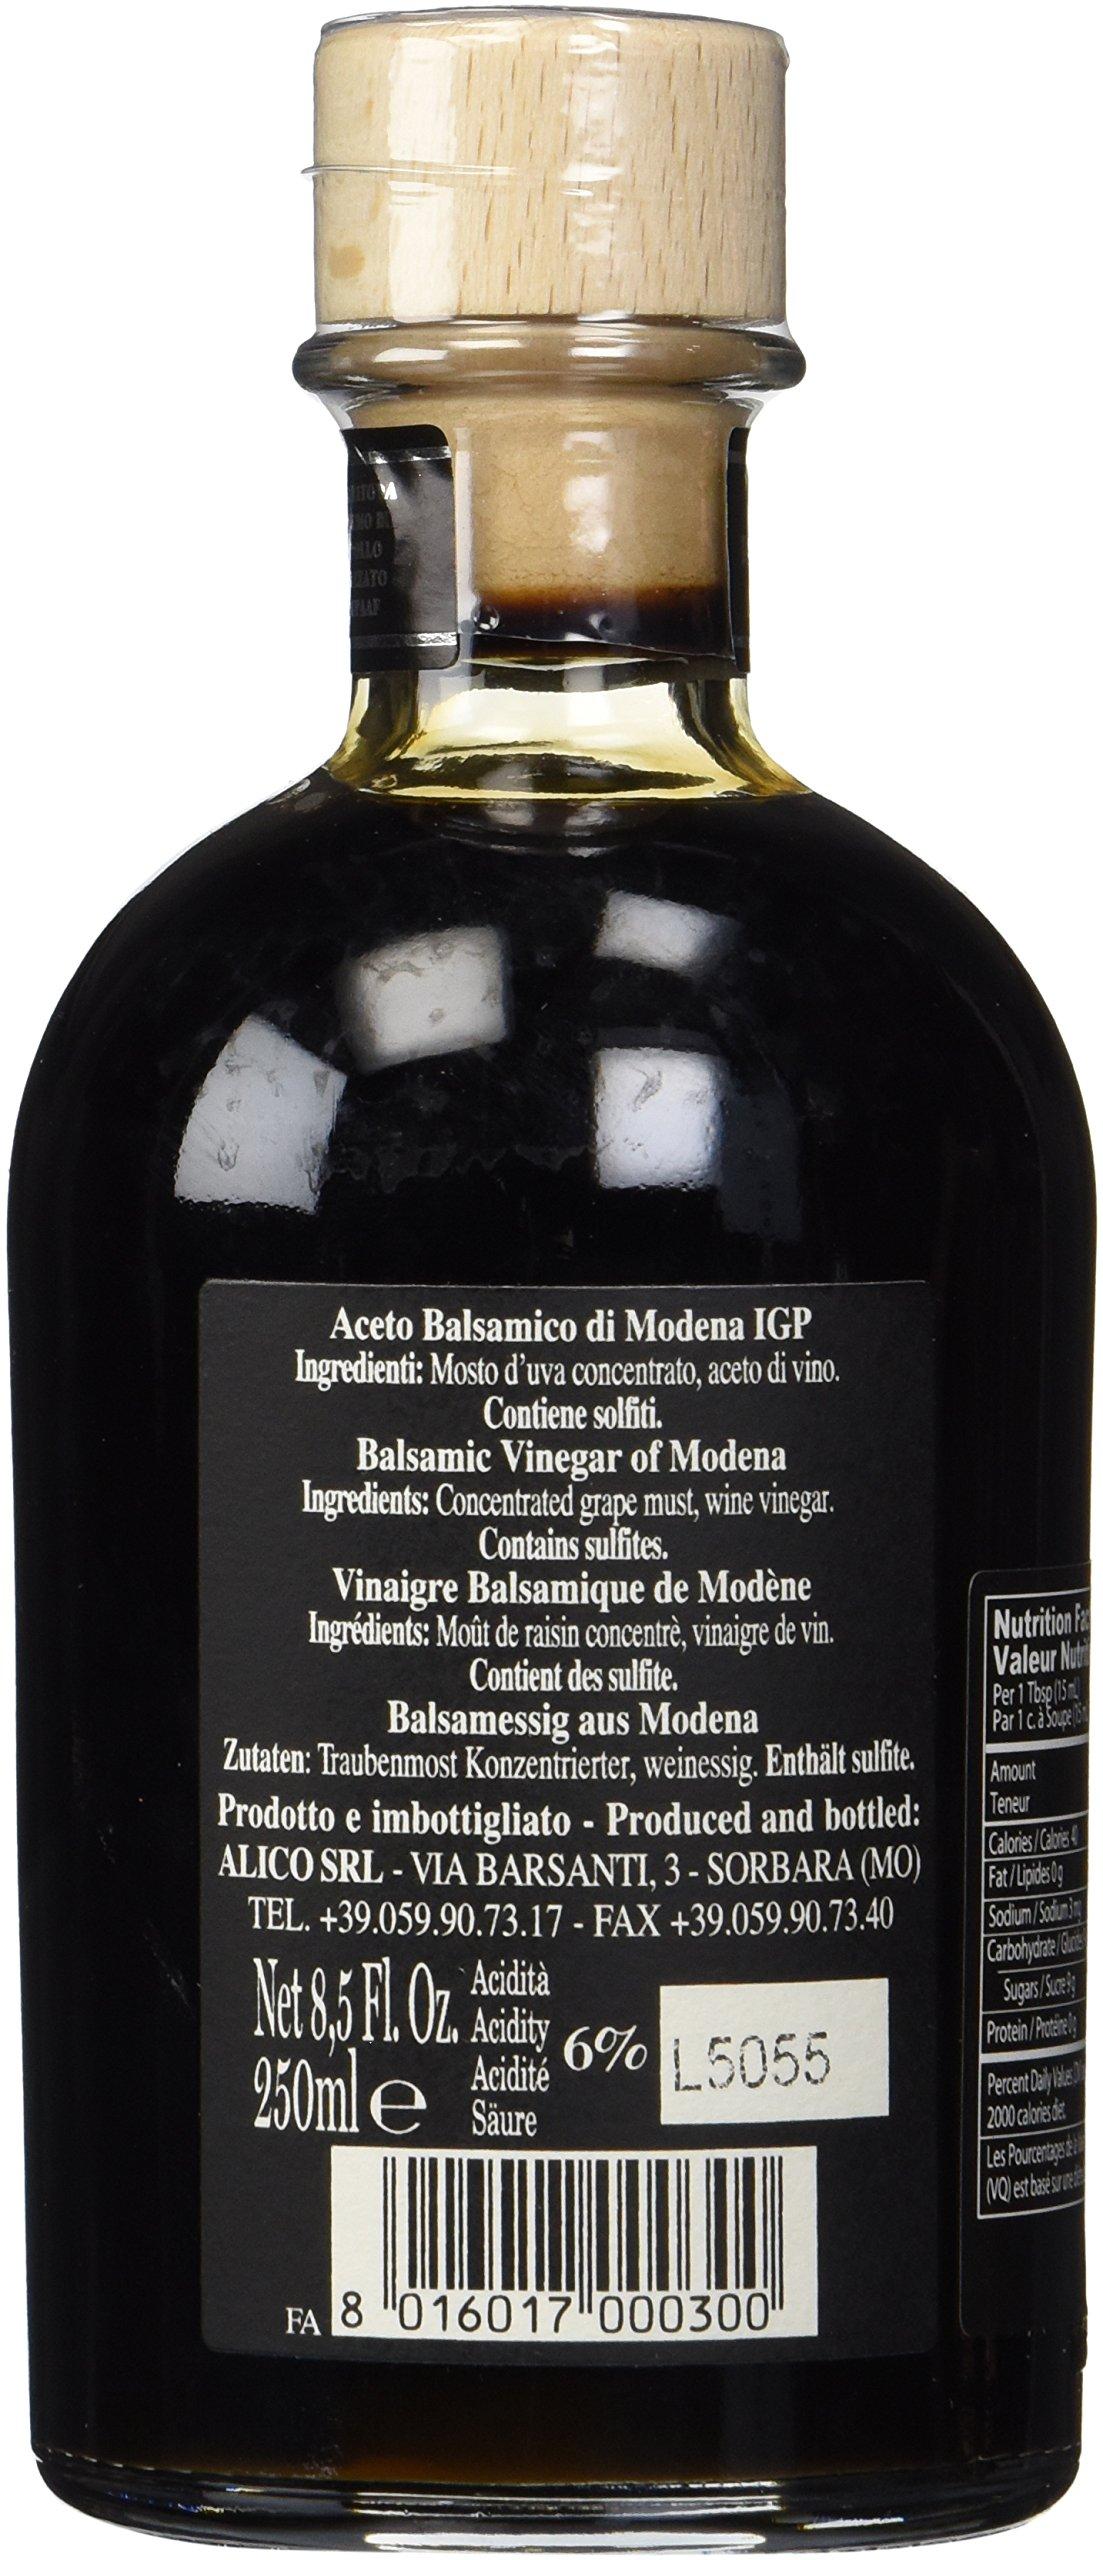 Fattoria Estense Silver Label Aceto Balsamico Di Modena Vinegar, 8.5 Fluid Ounce